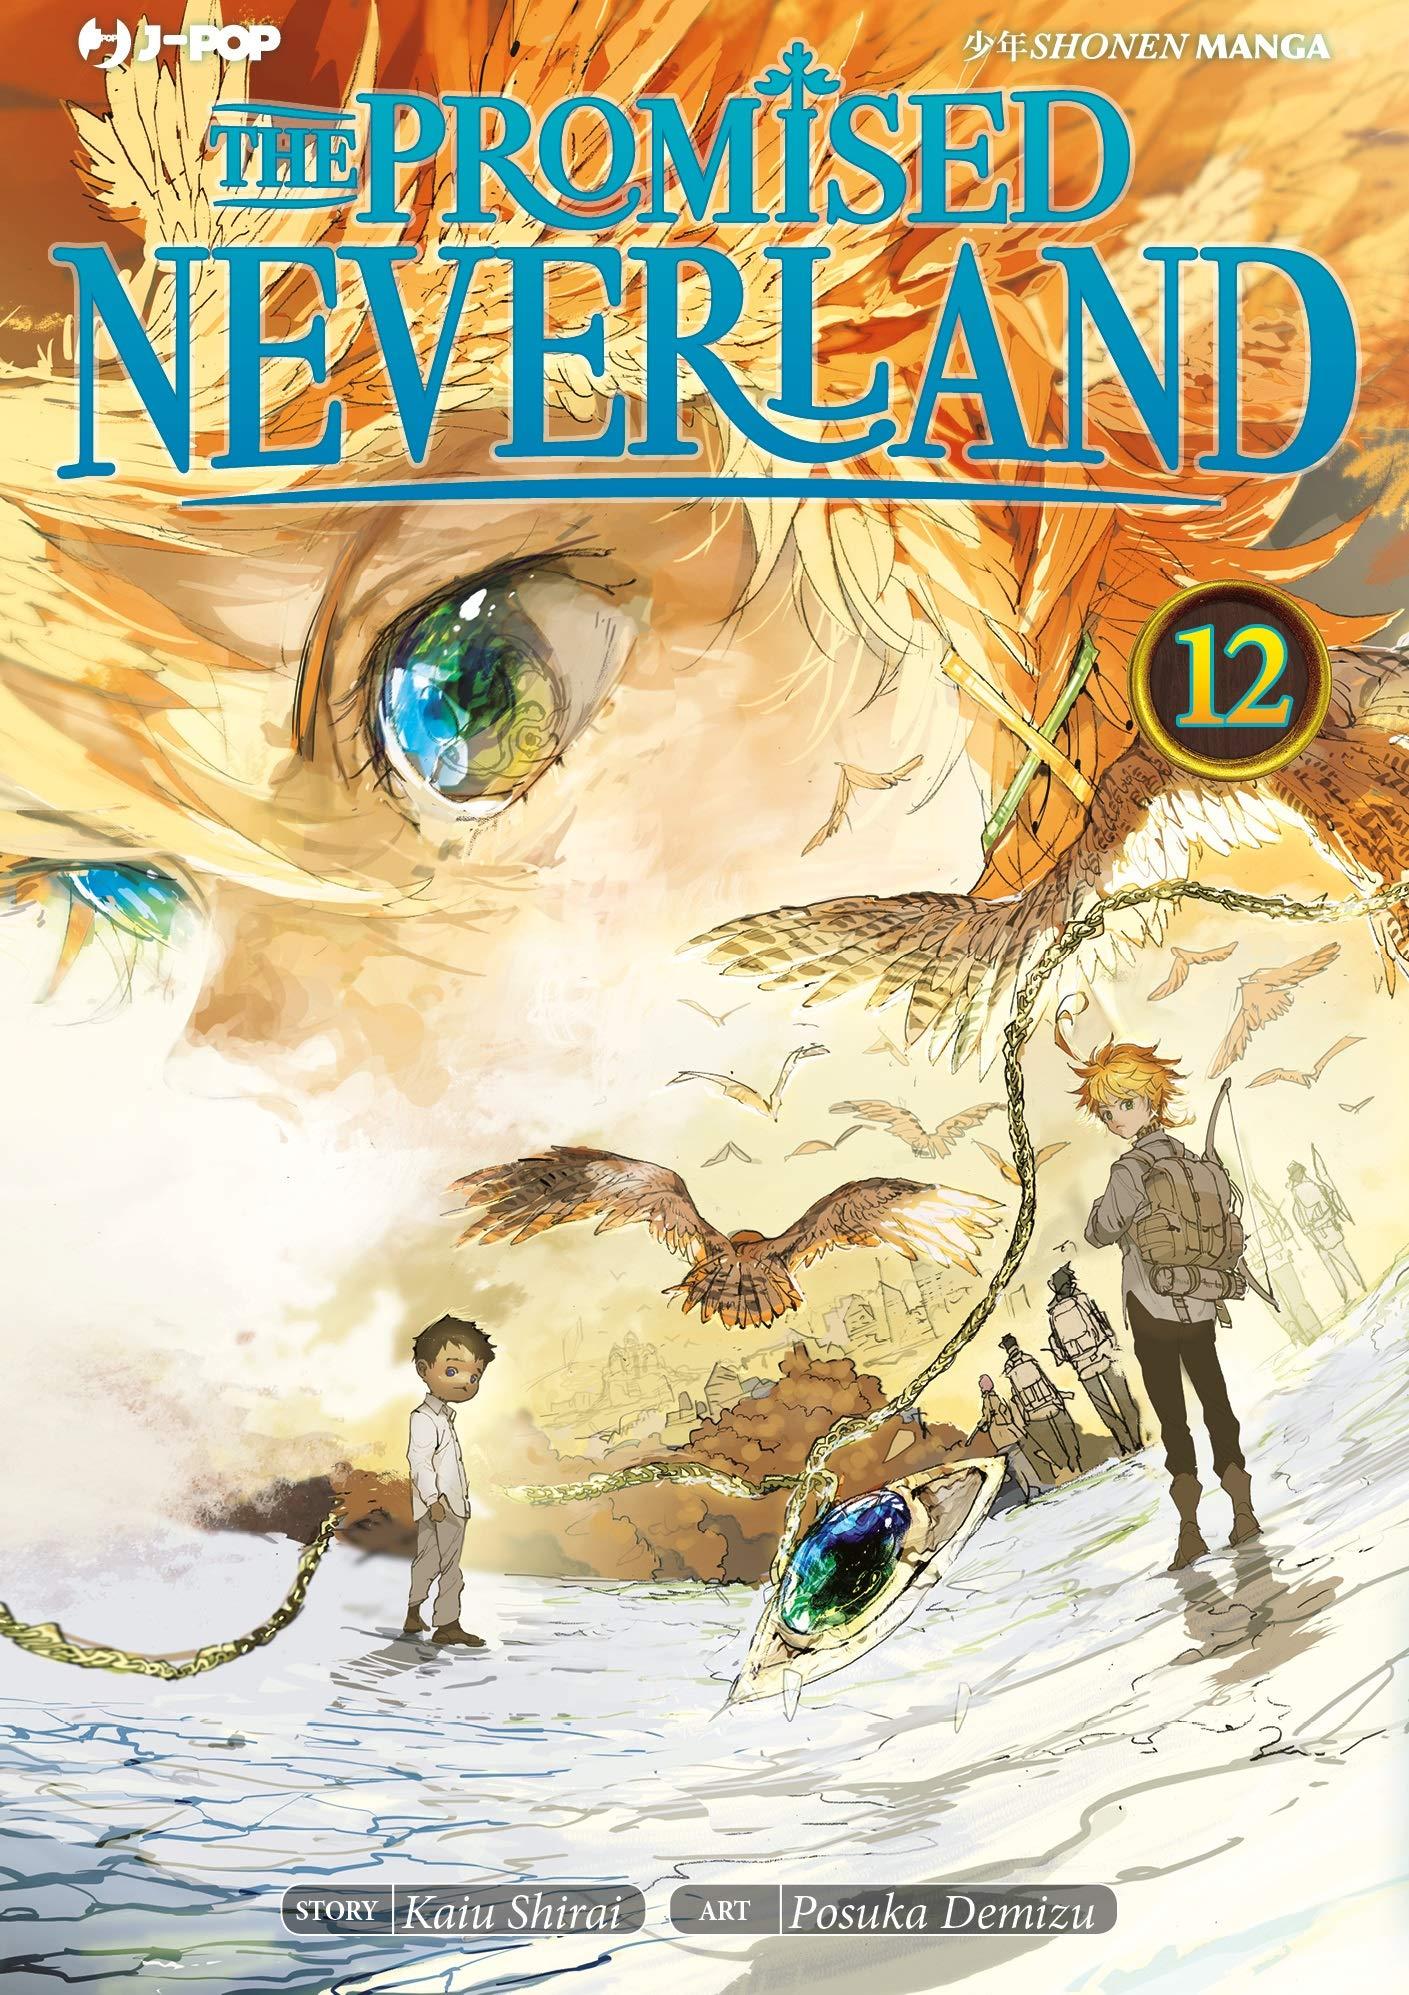 The promised Neverla...